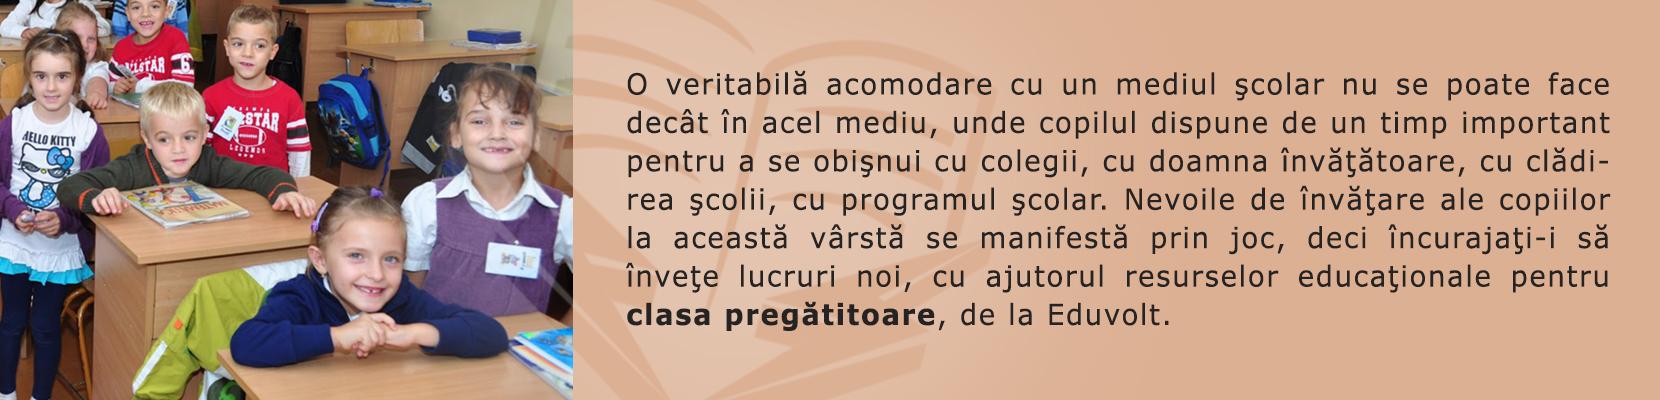 banner_categorie_evn_clasa_pregatitoare_5dp1-ac